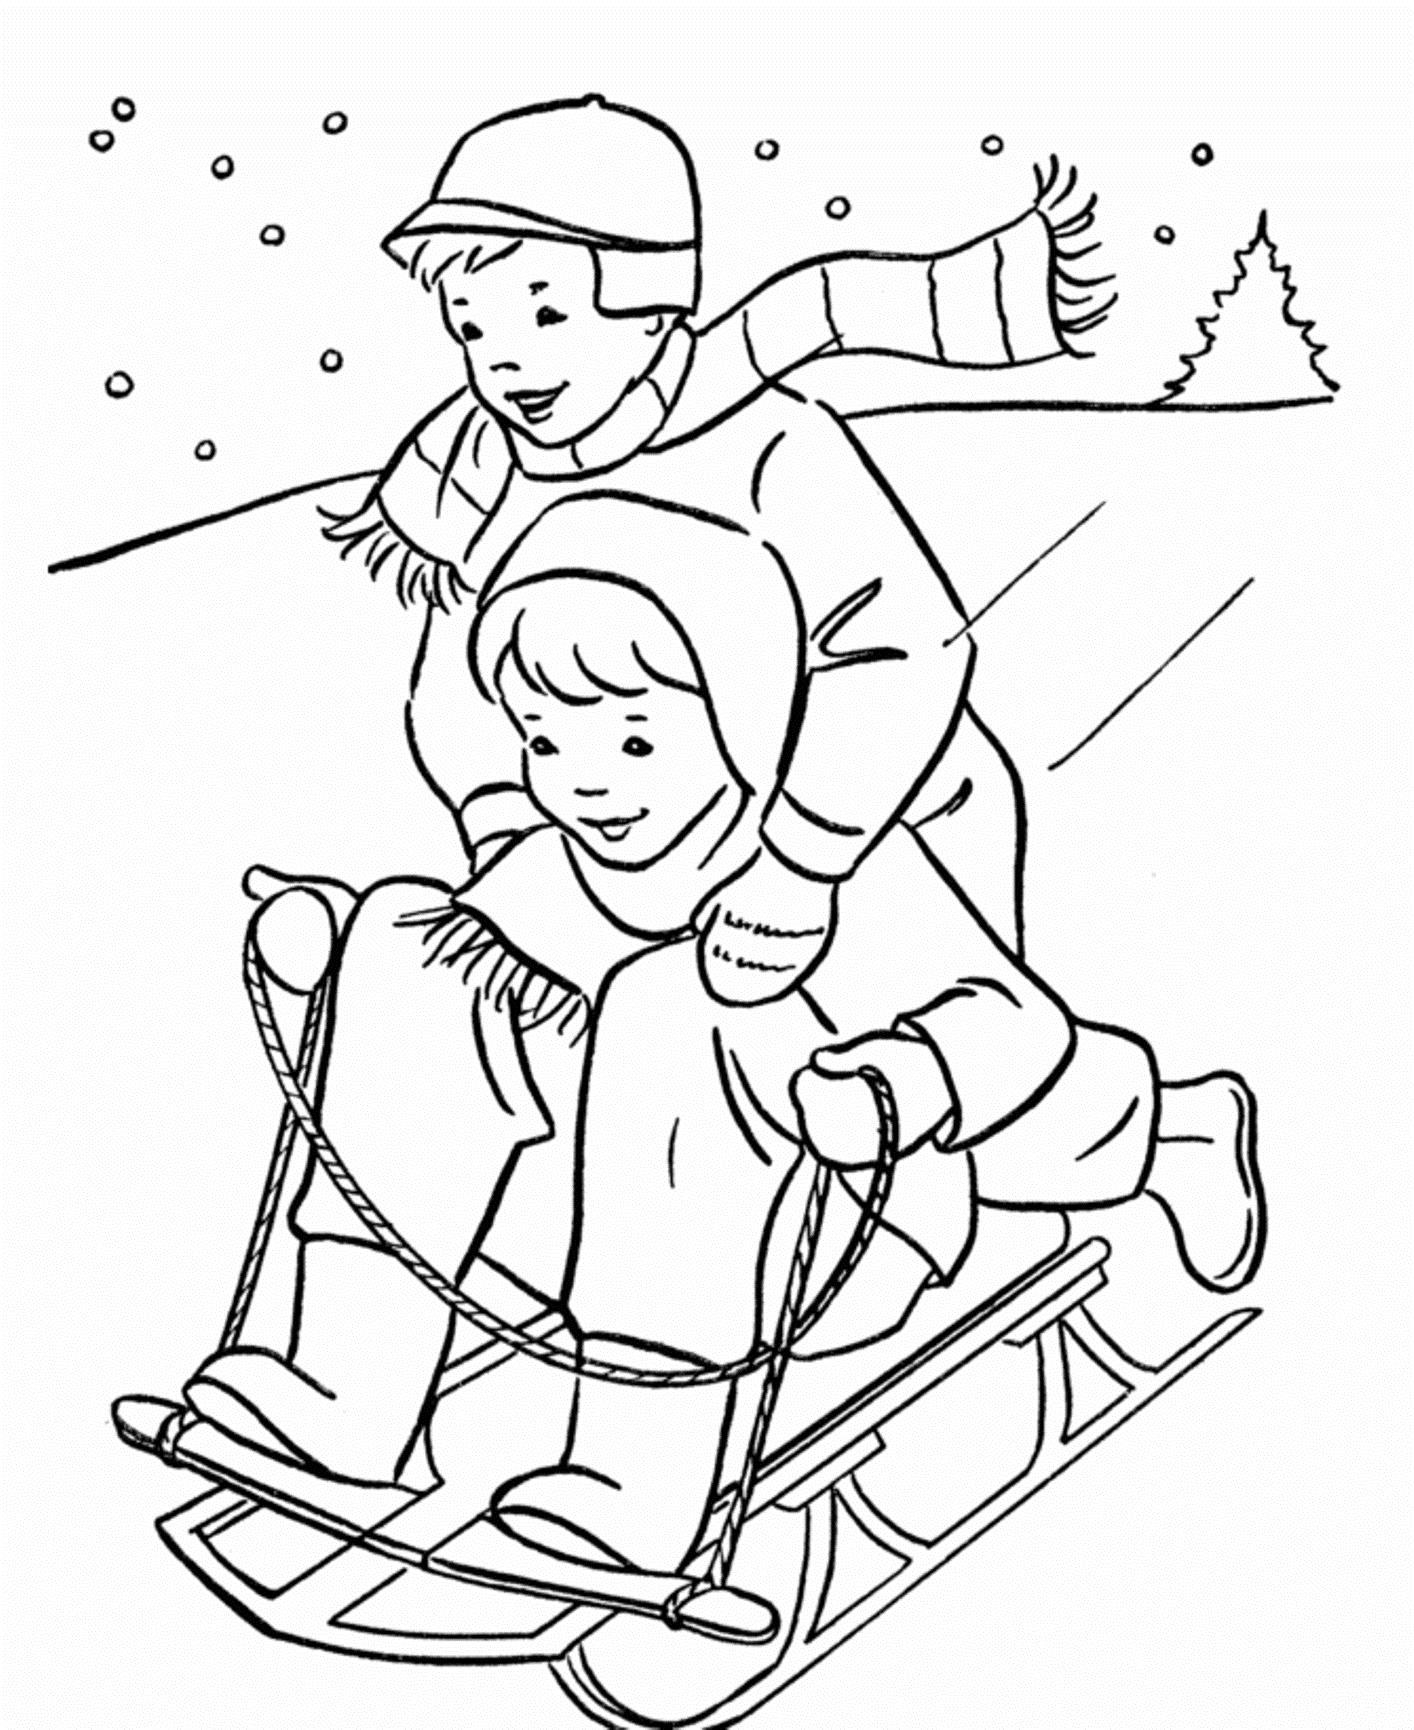 Катаемся на санках Зимние раскраски для мальчиков